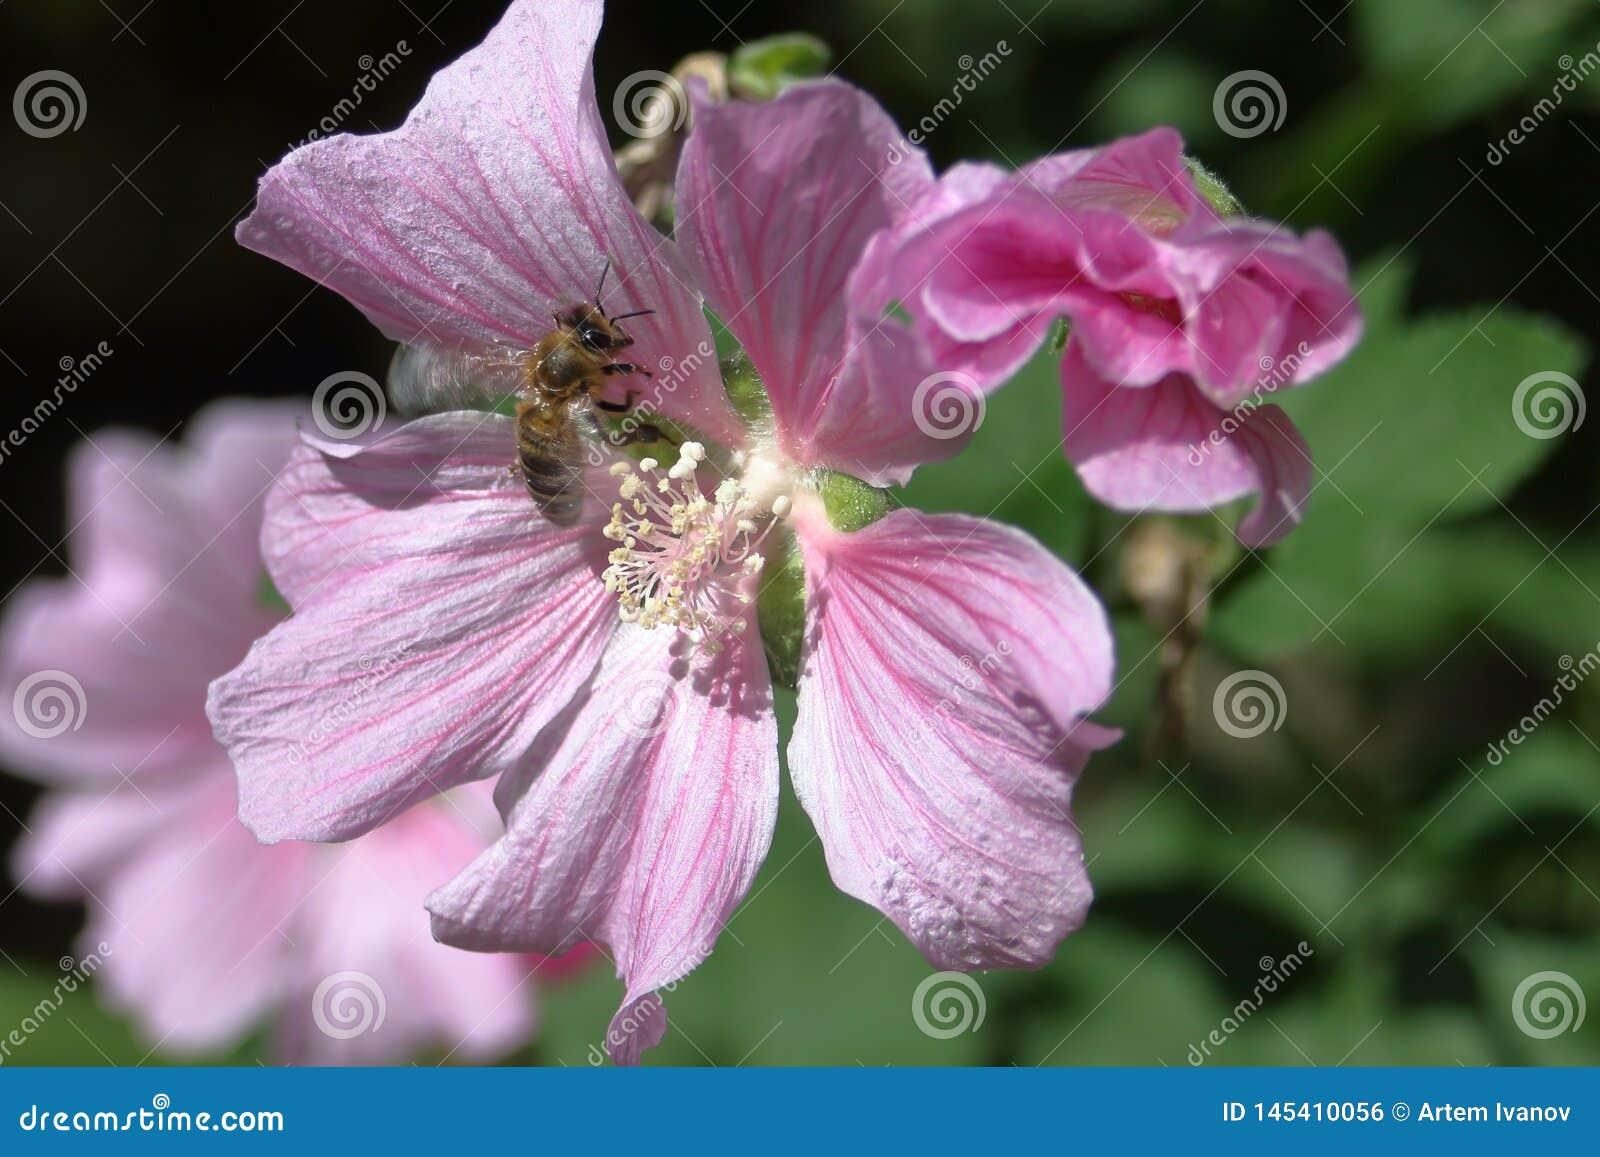 De bij zit op een roze bloem van Sidalcea